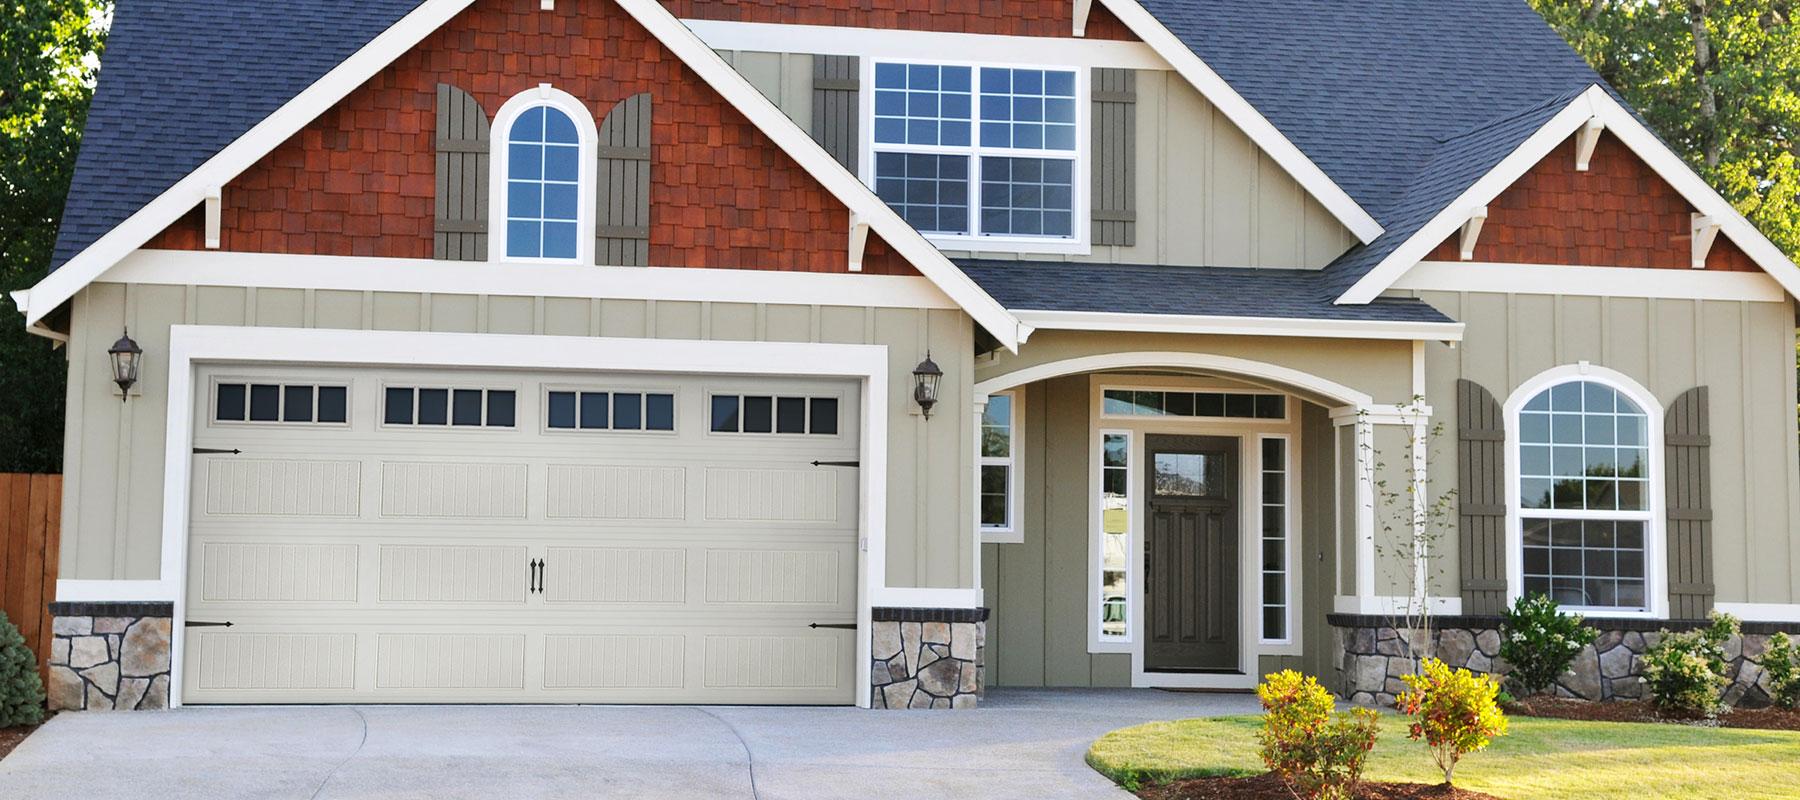 440/441 Long Grooved Panel Garage Door